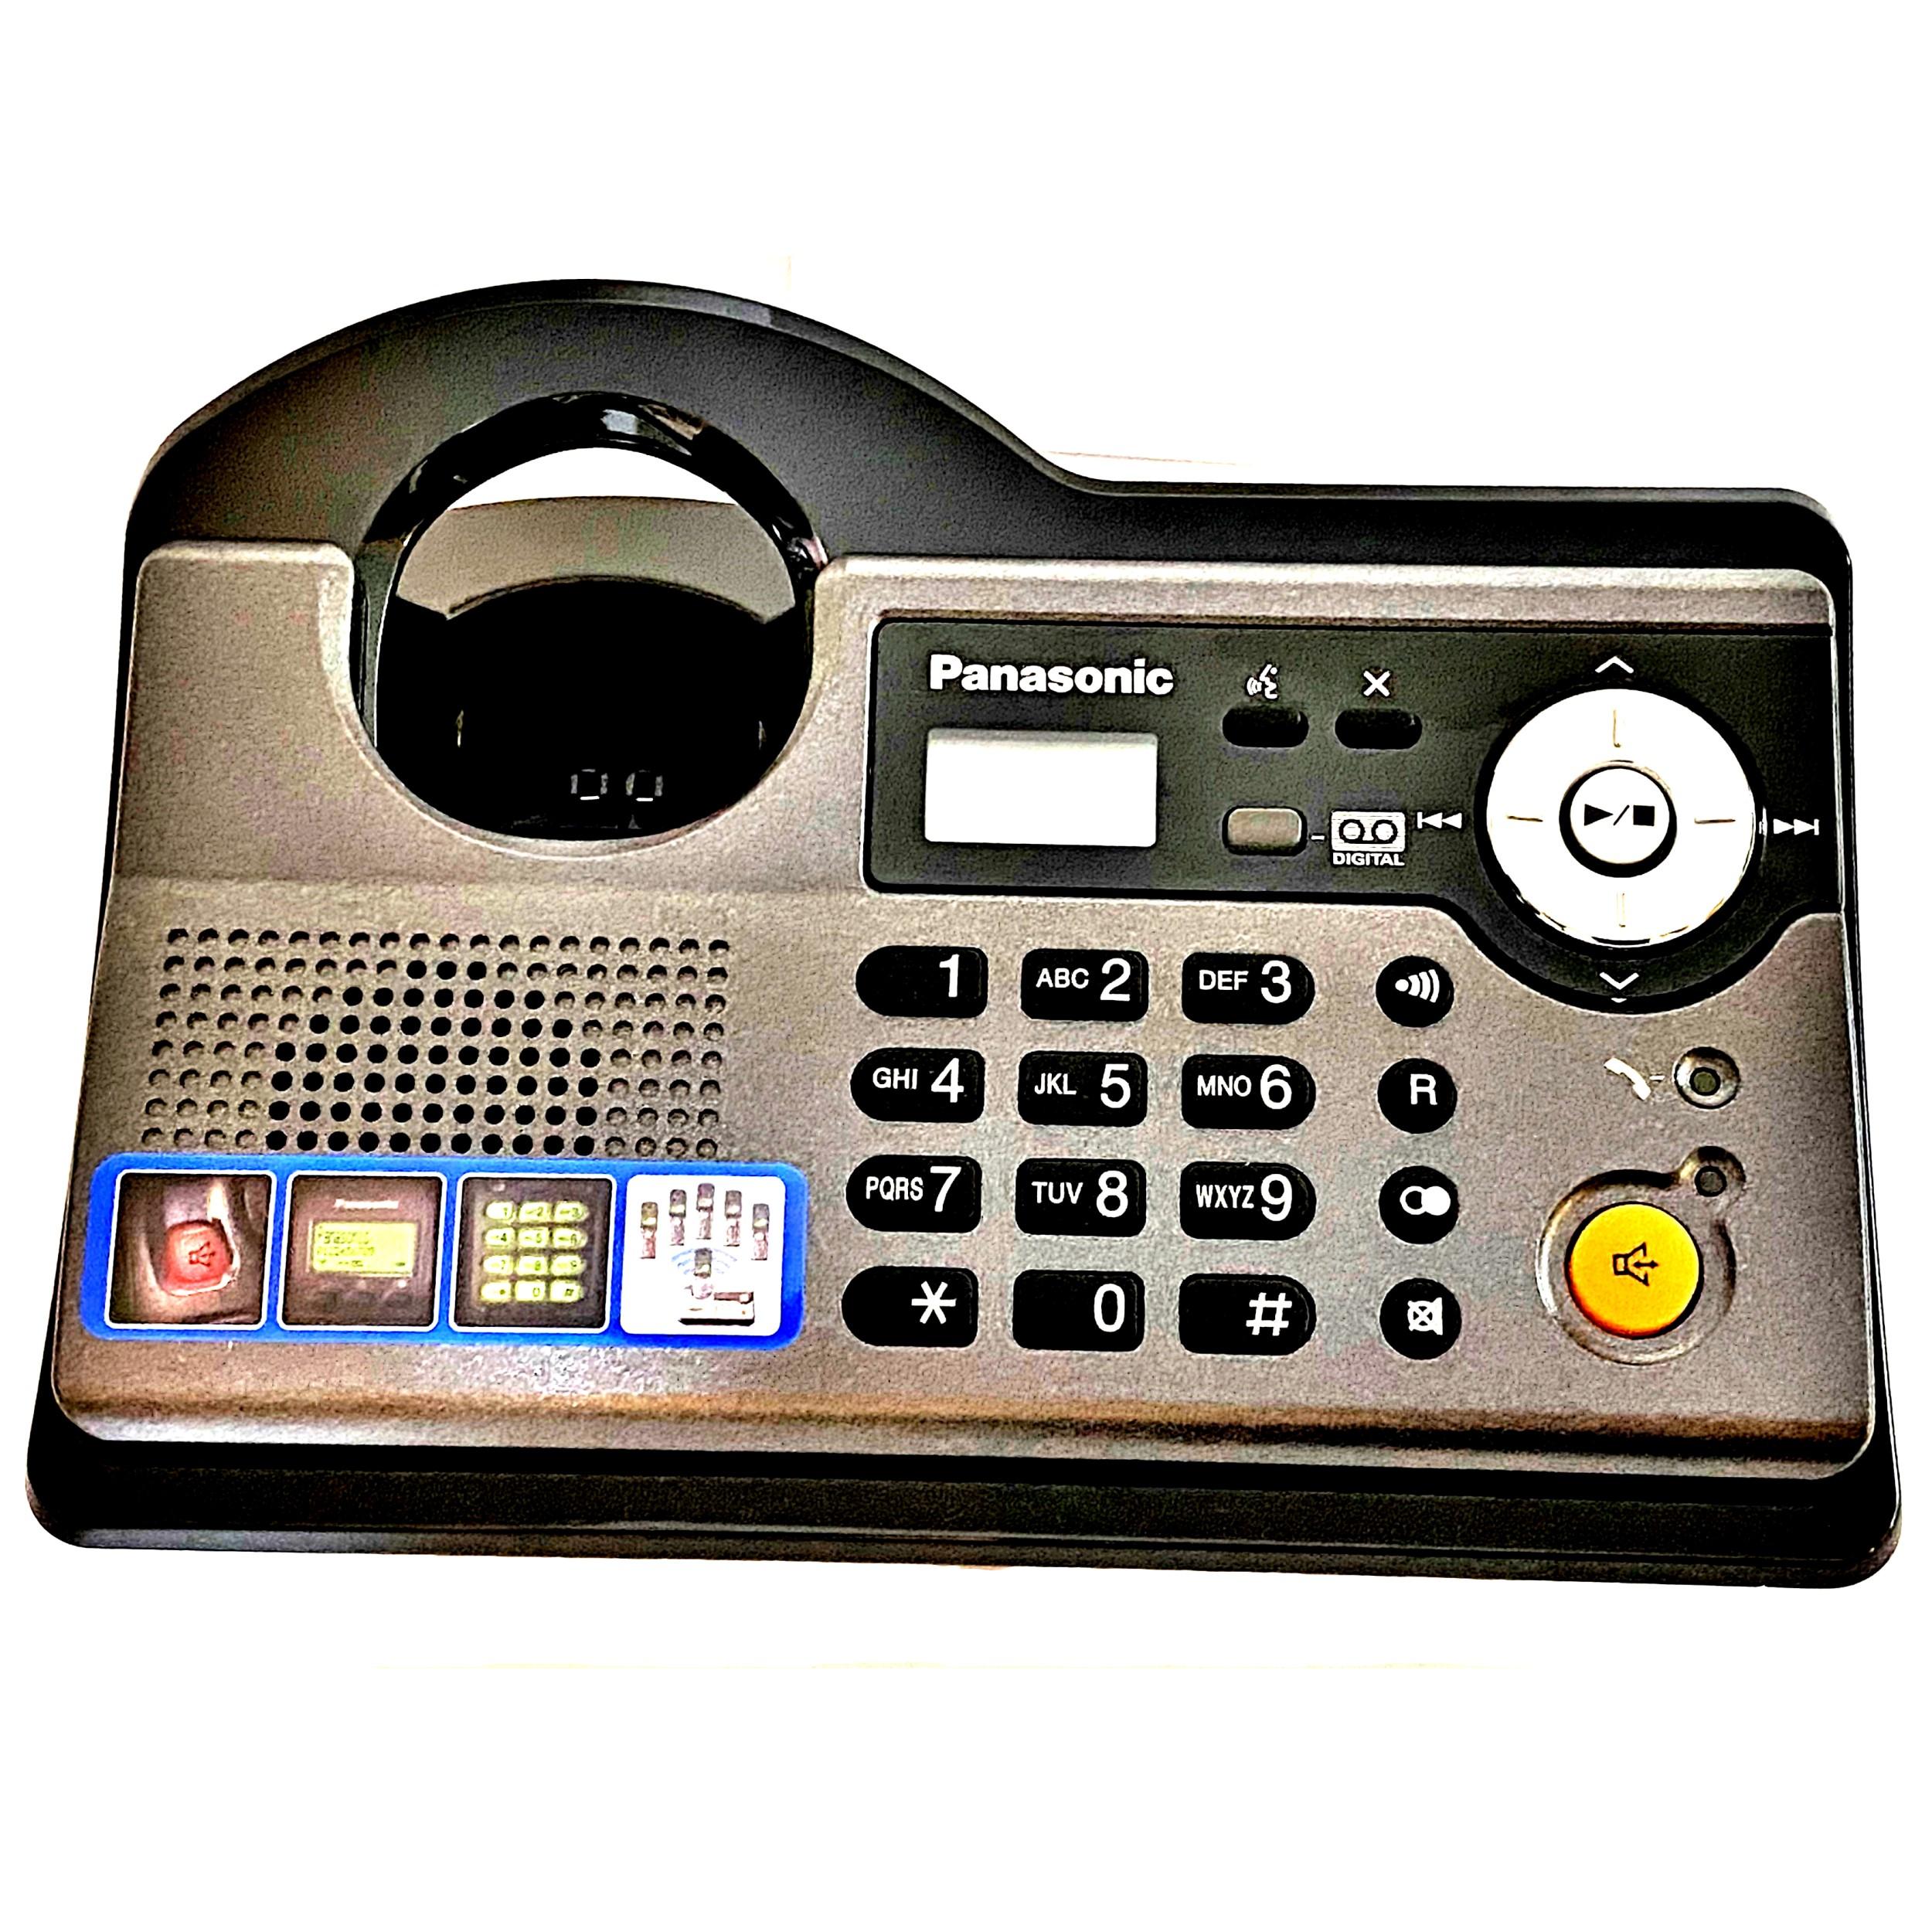 تلفن بی سیم پاناسونیک مدل KX-TG1233